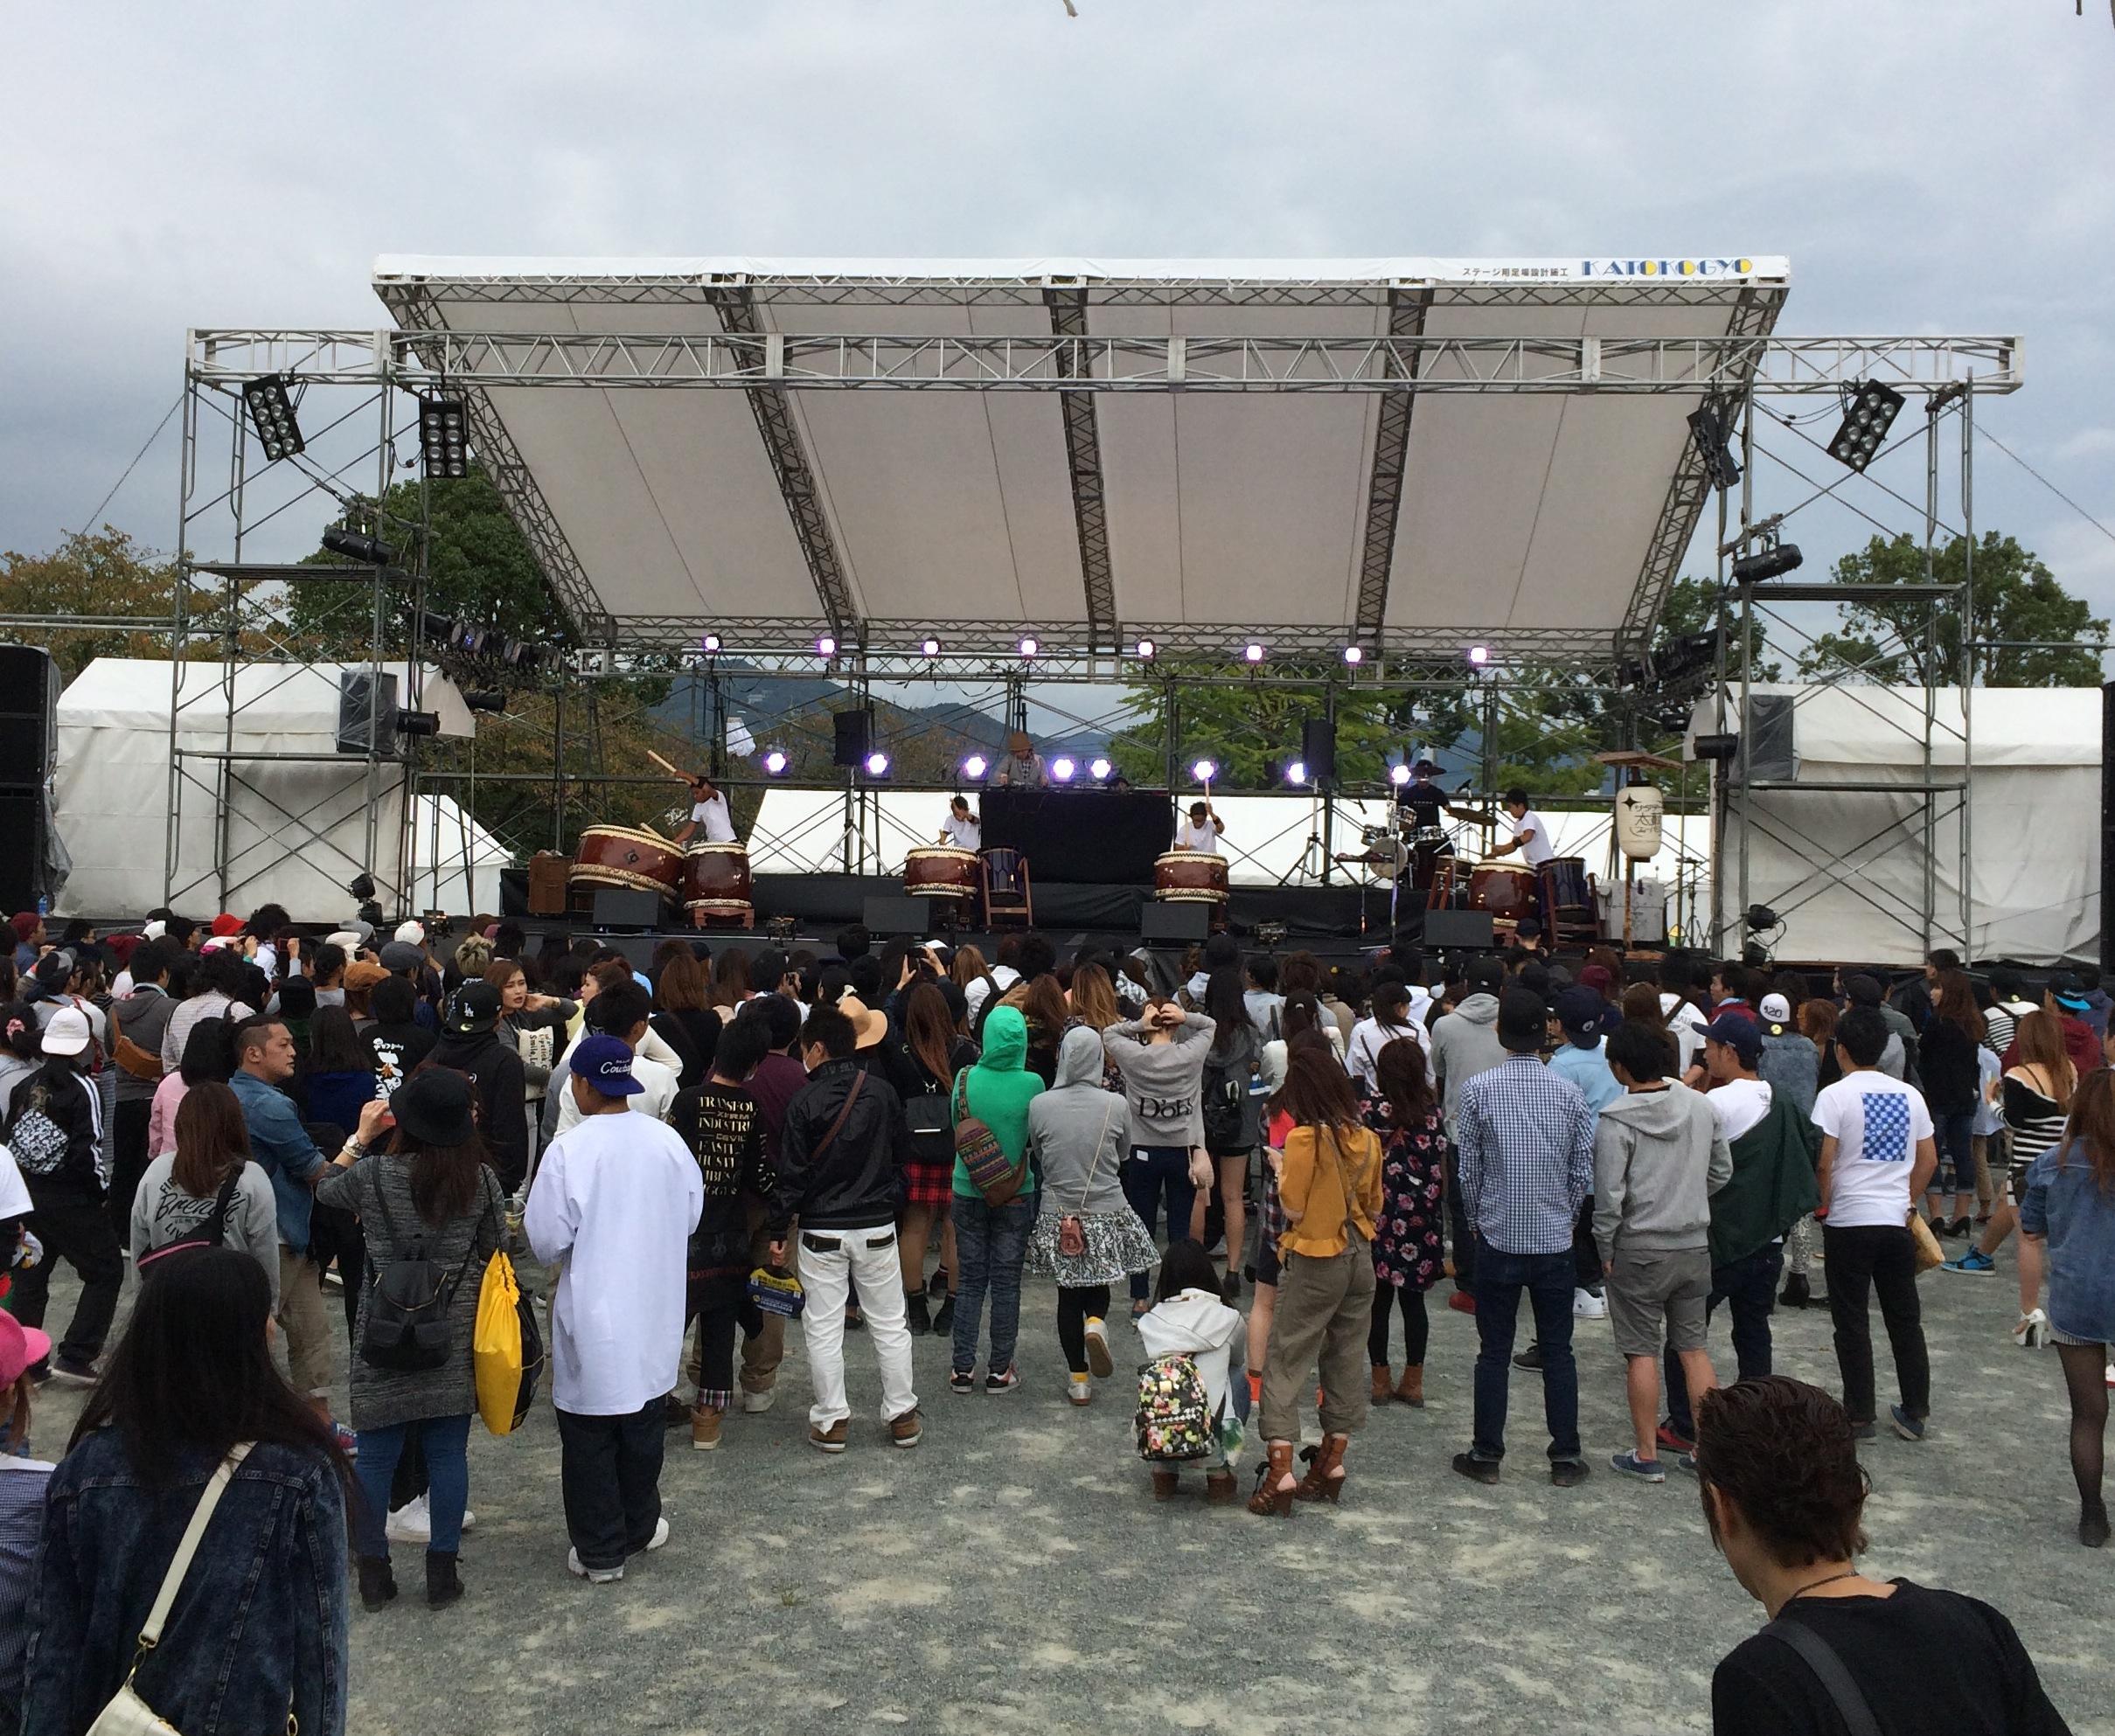 久留米市 野外イベント 2000人クラス音響